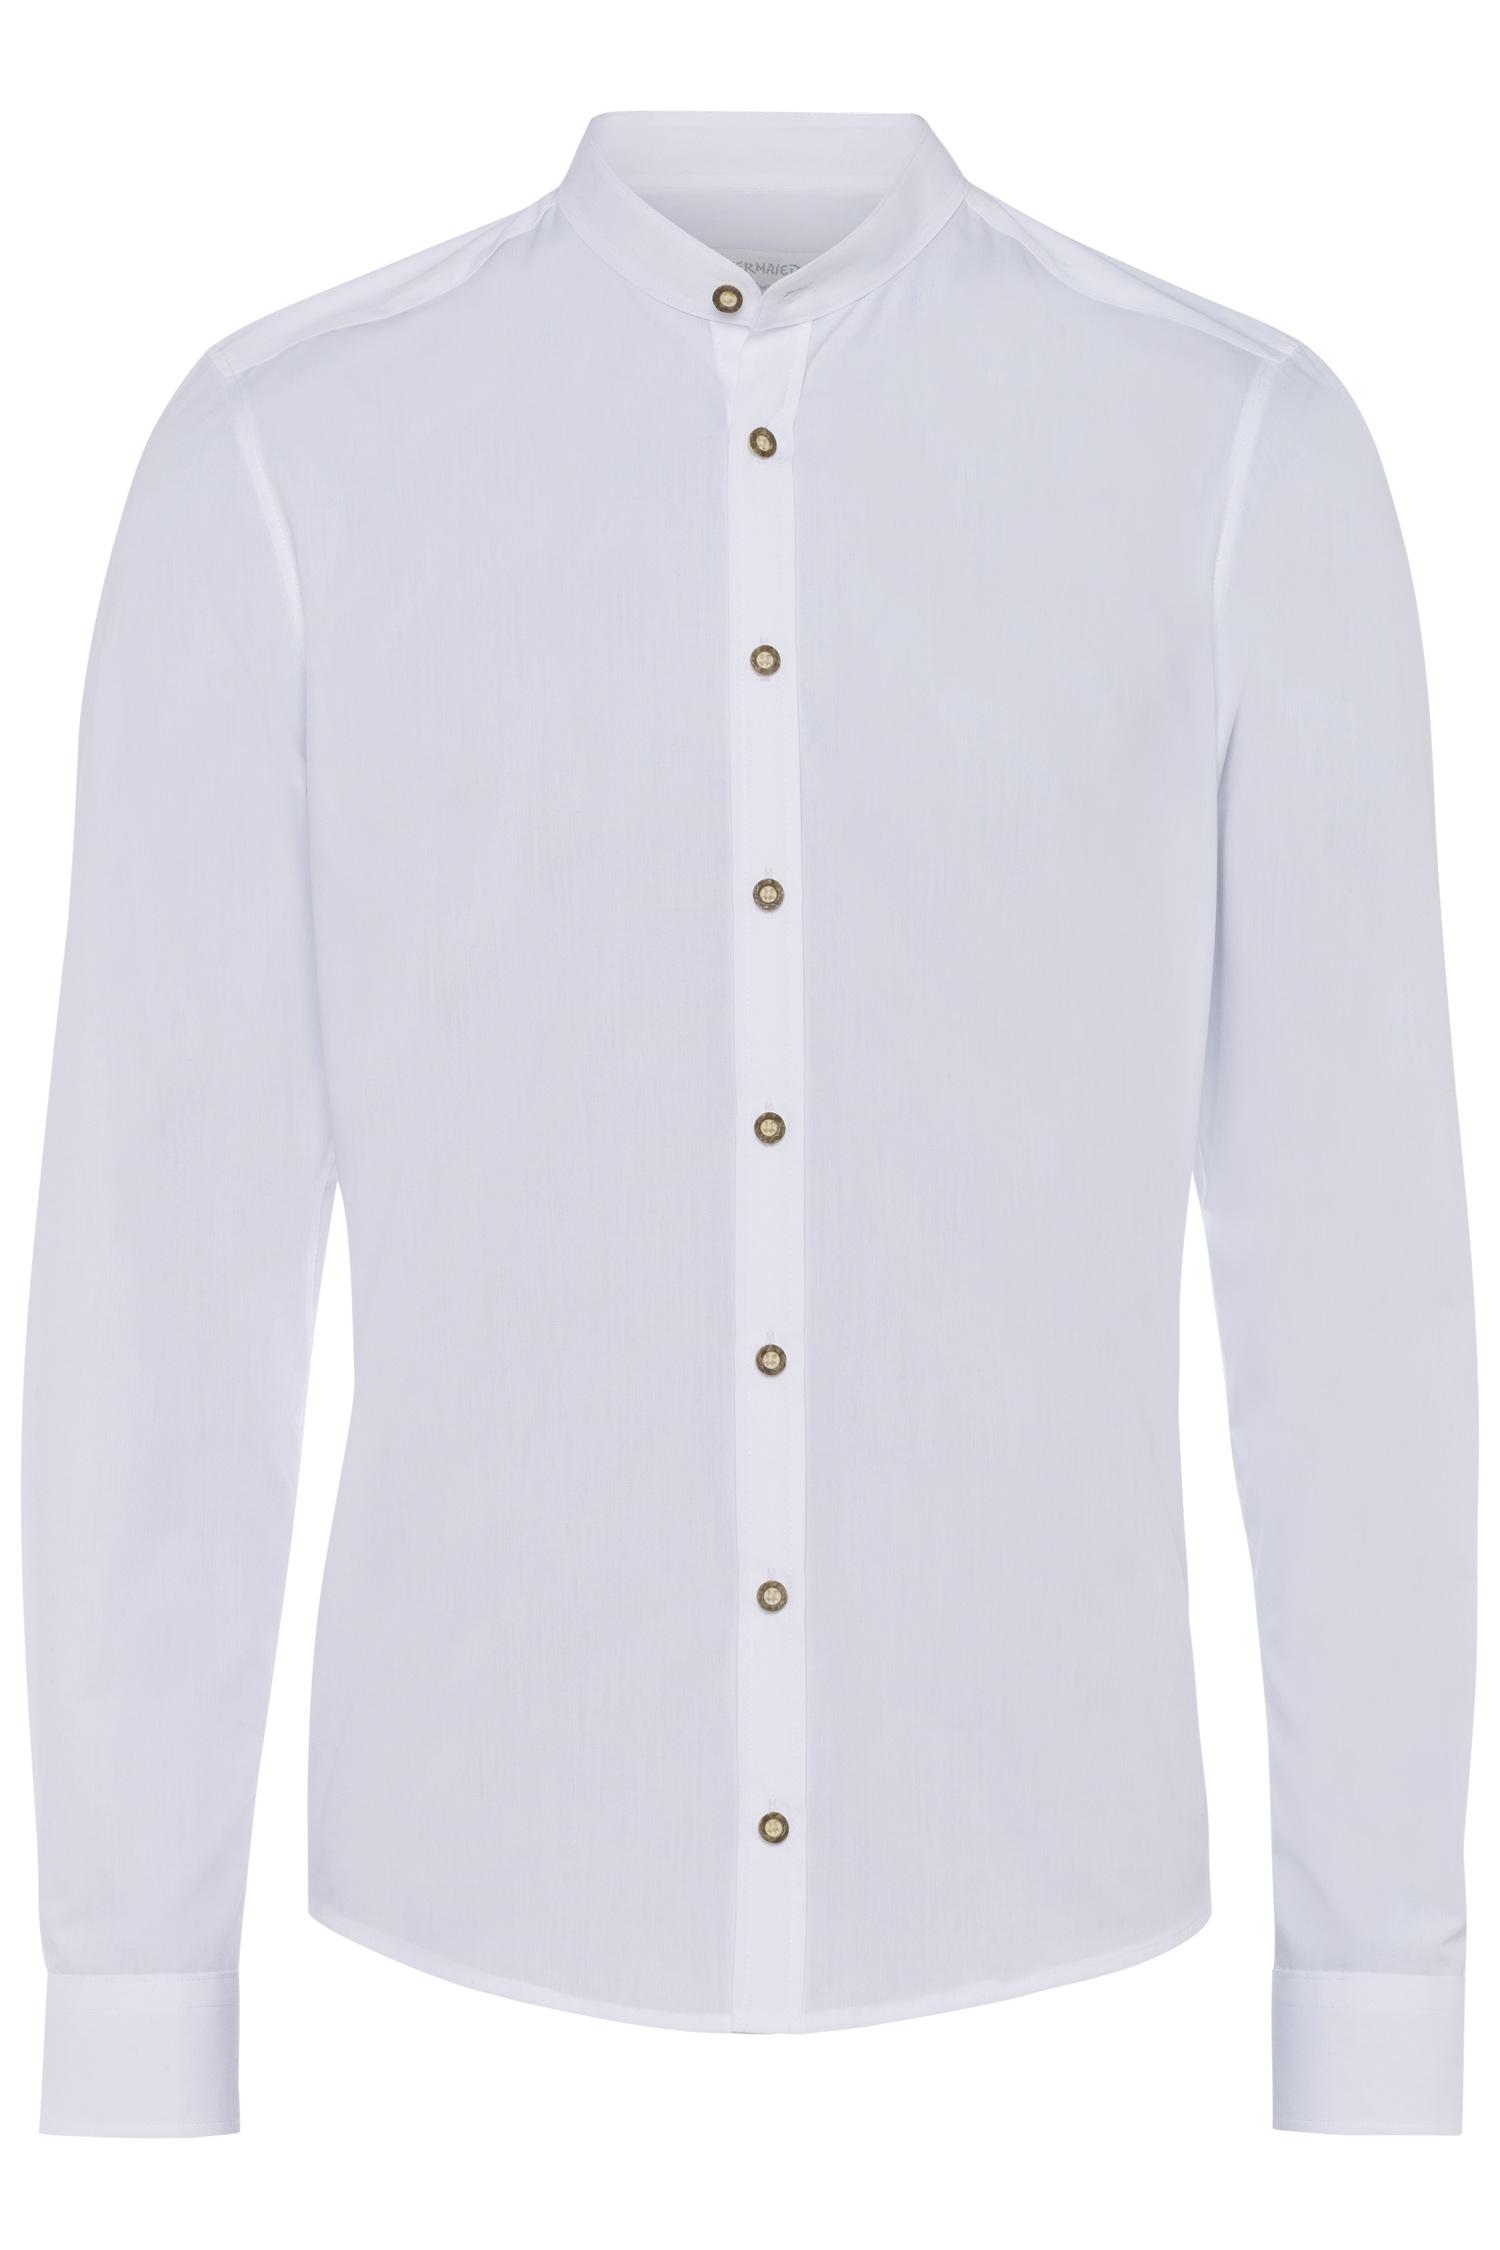 Trachtenhemd Stehkragen weiß